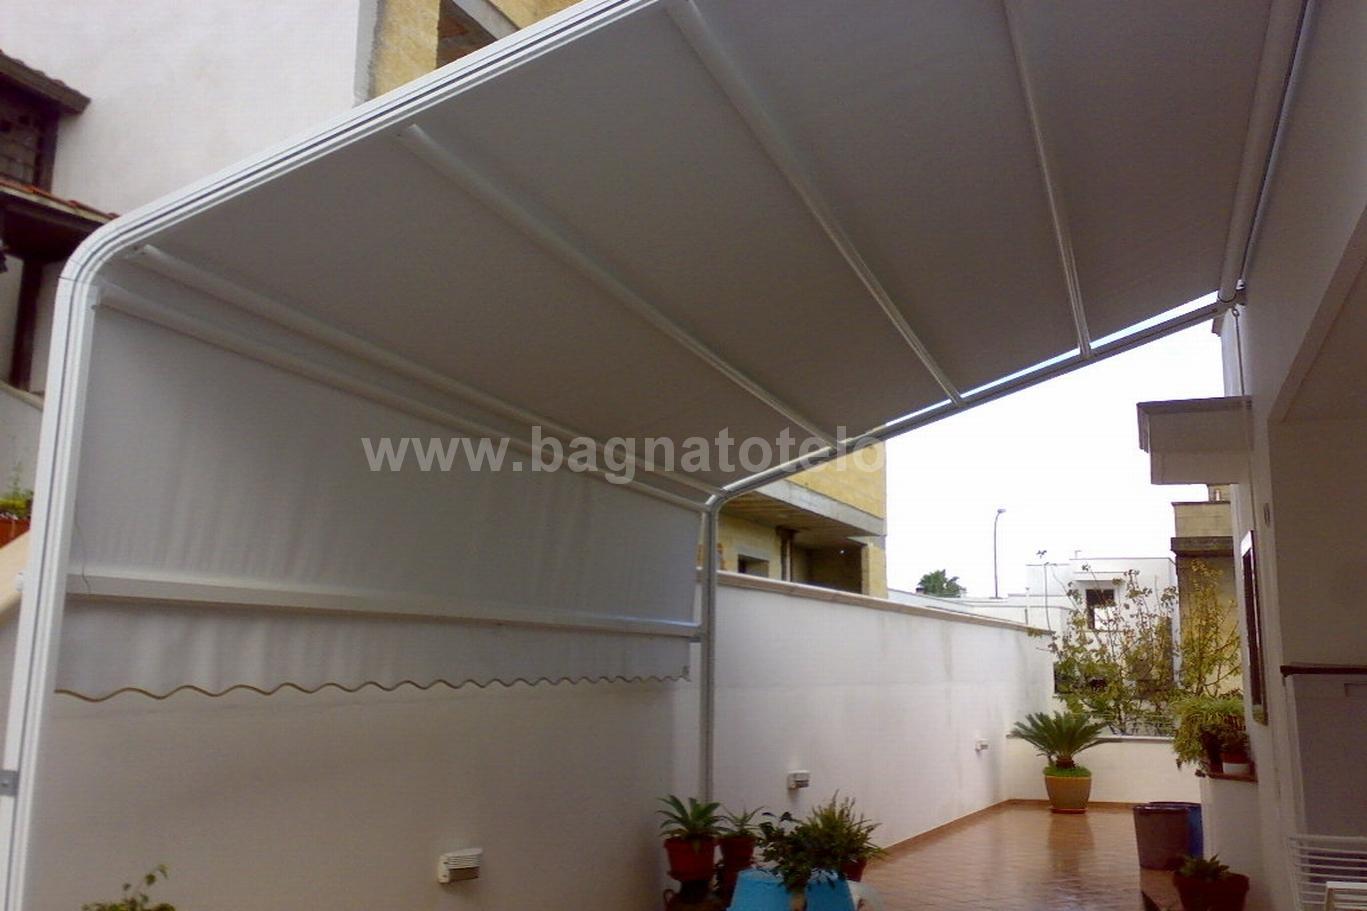 Tende modello attico tende da sole modello attico in tessuto acrilico o in pvc 650 mtq - Tende da esterno leroy merlin ...